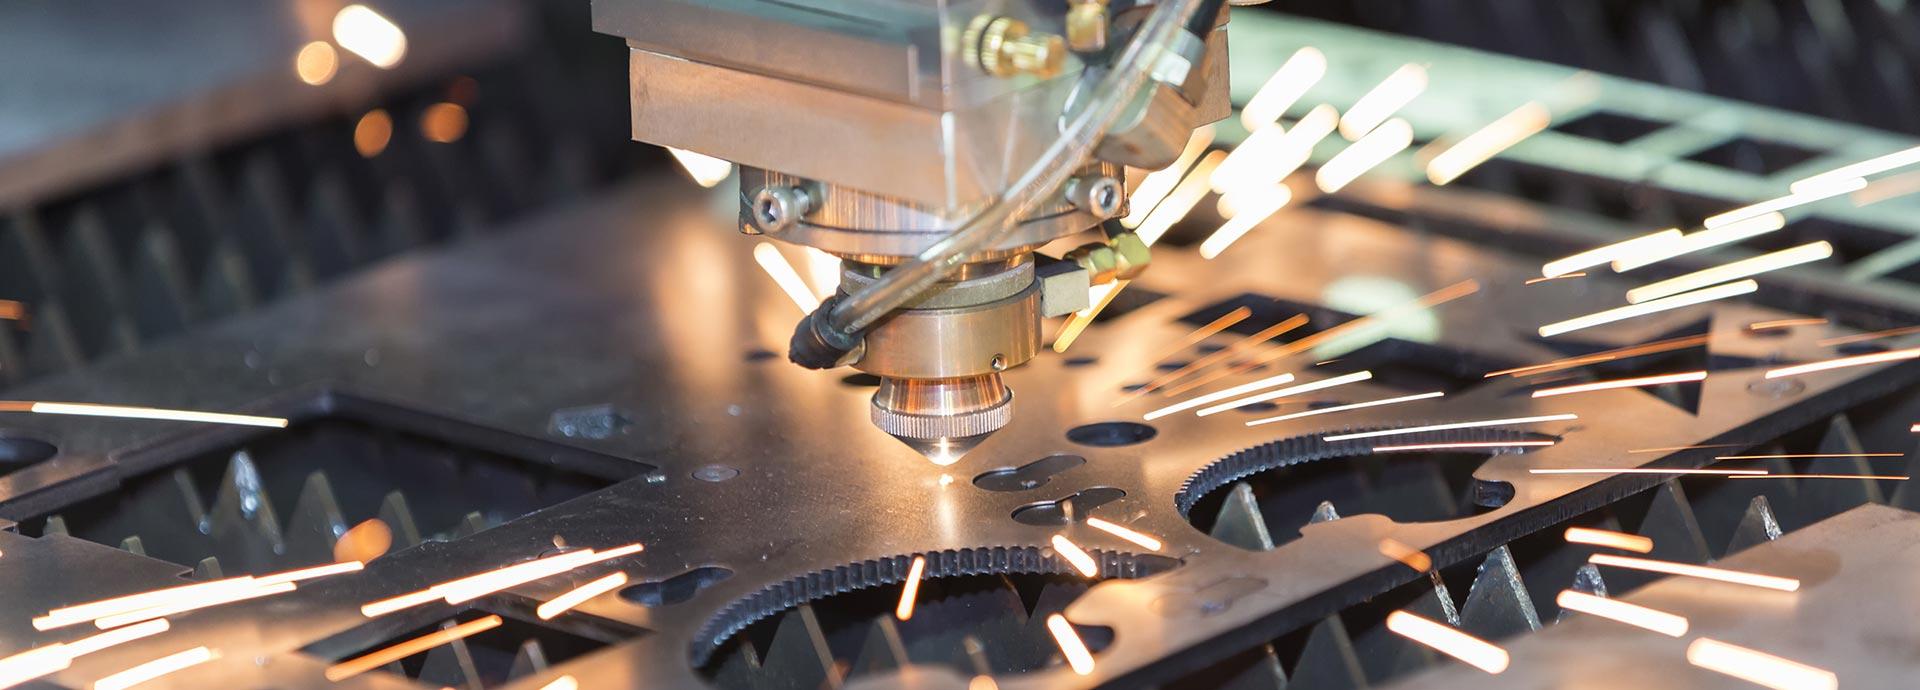 Wir streben nach<br> höchster Qualität und<br> funktionaler Sicherheit.